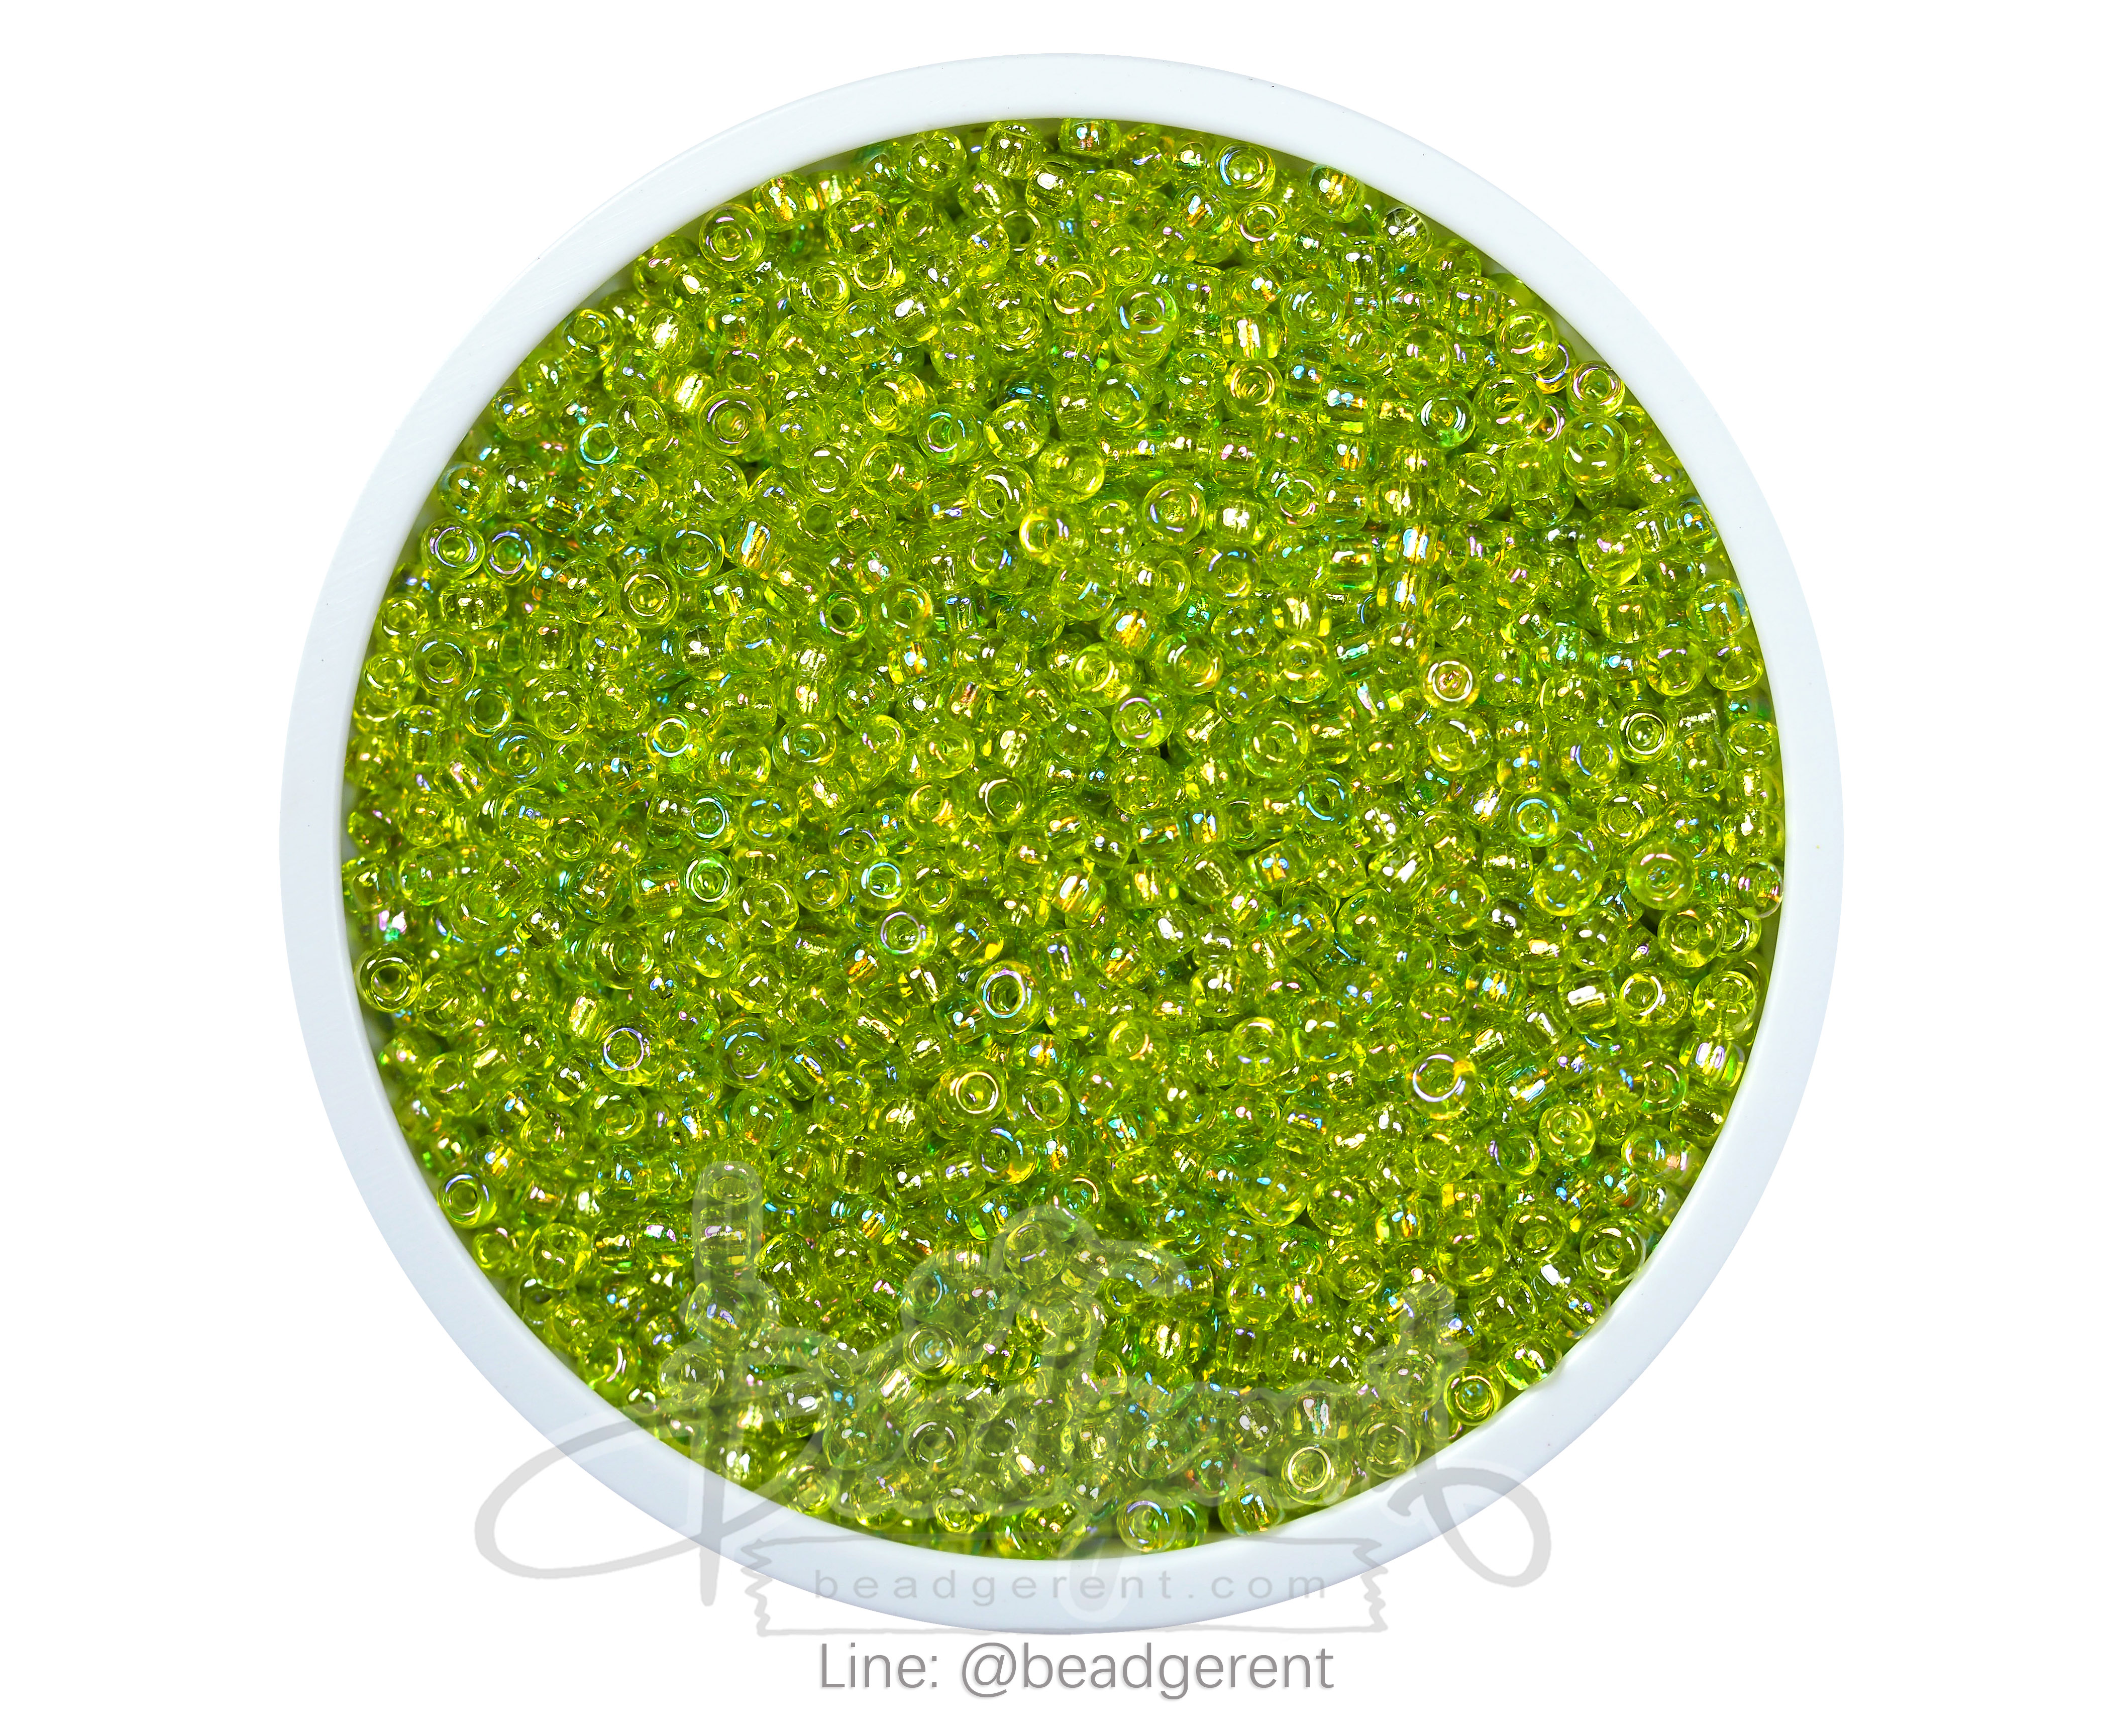 ลูกปัดเม็ดทราย 12/0 โทนรุ้ง สีเขียวตอง (100 กรัม)